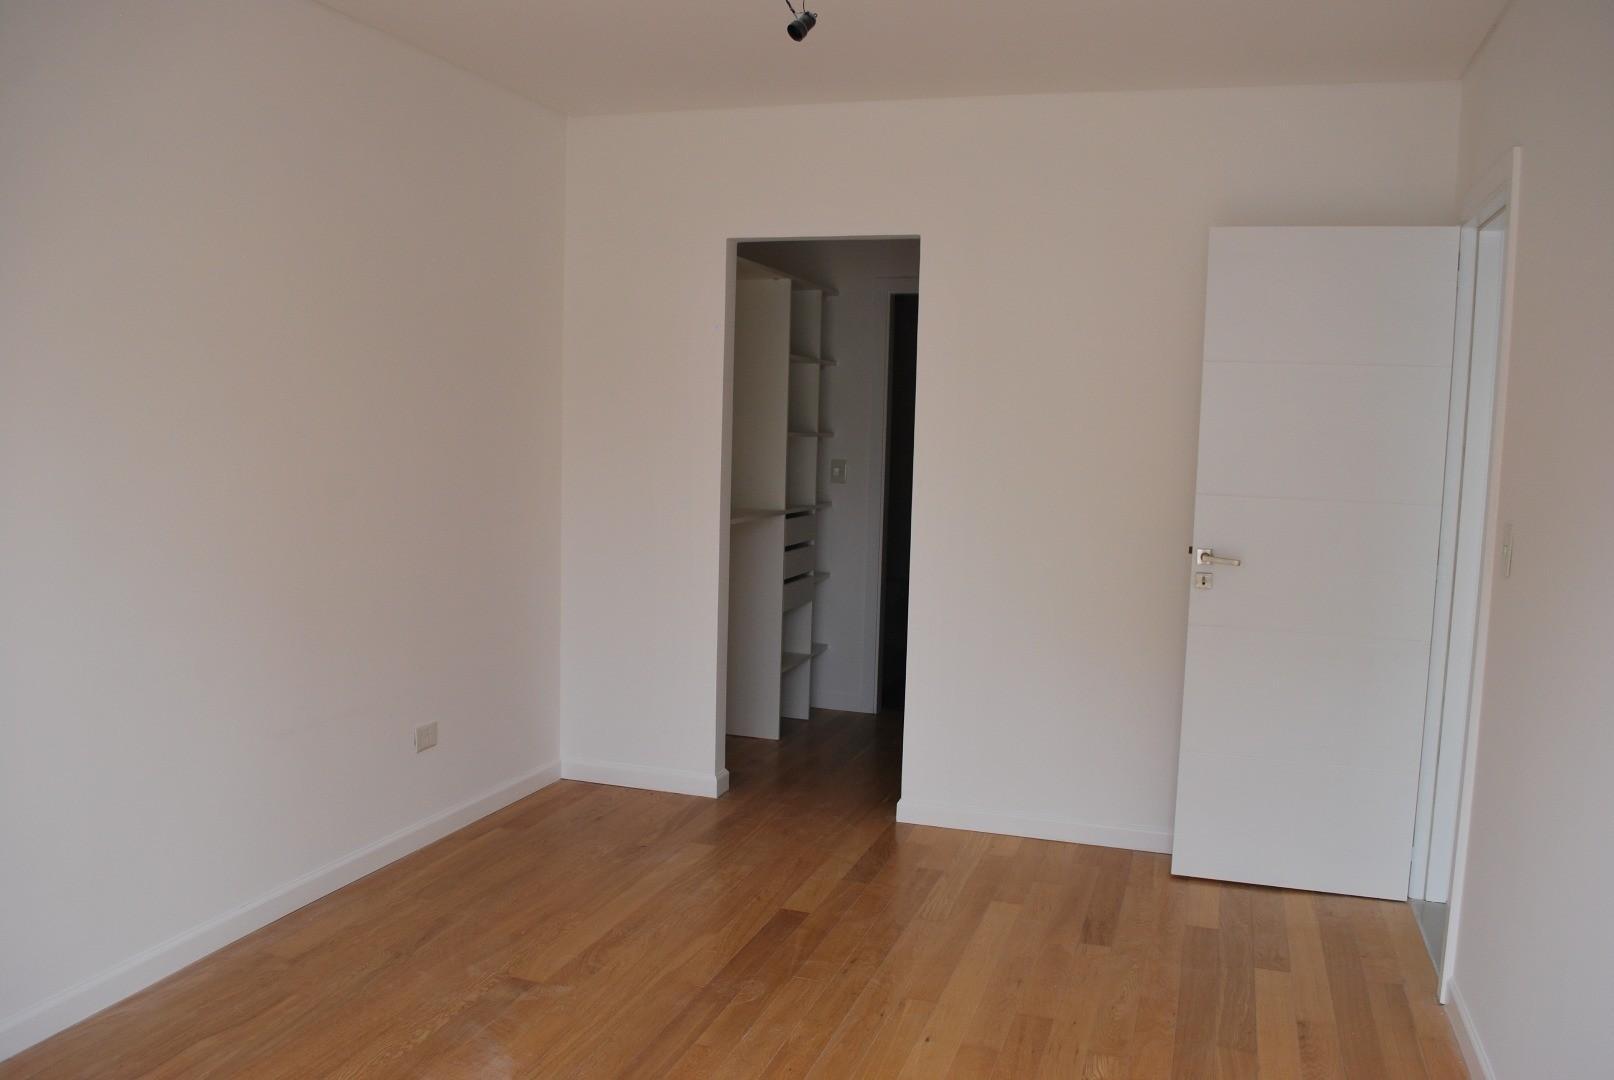 Departamento - 97 m² | 2 dormitorios | A estrenar